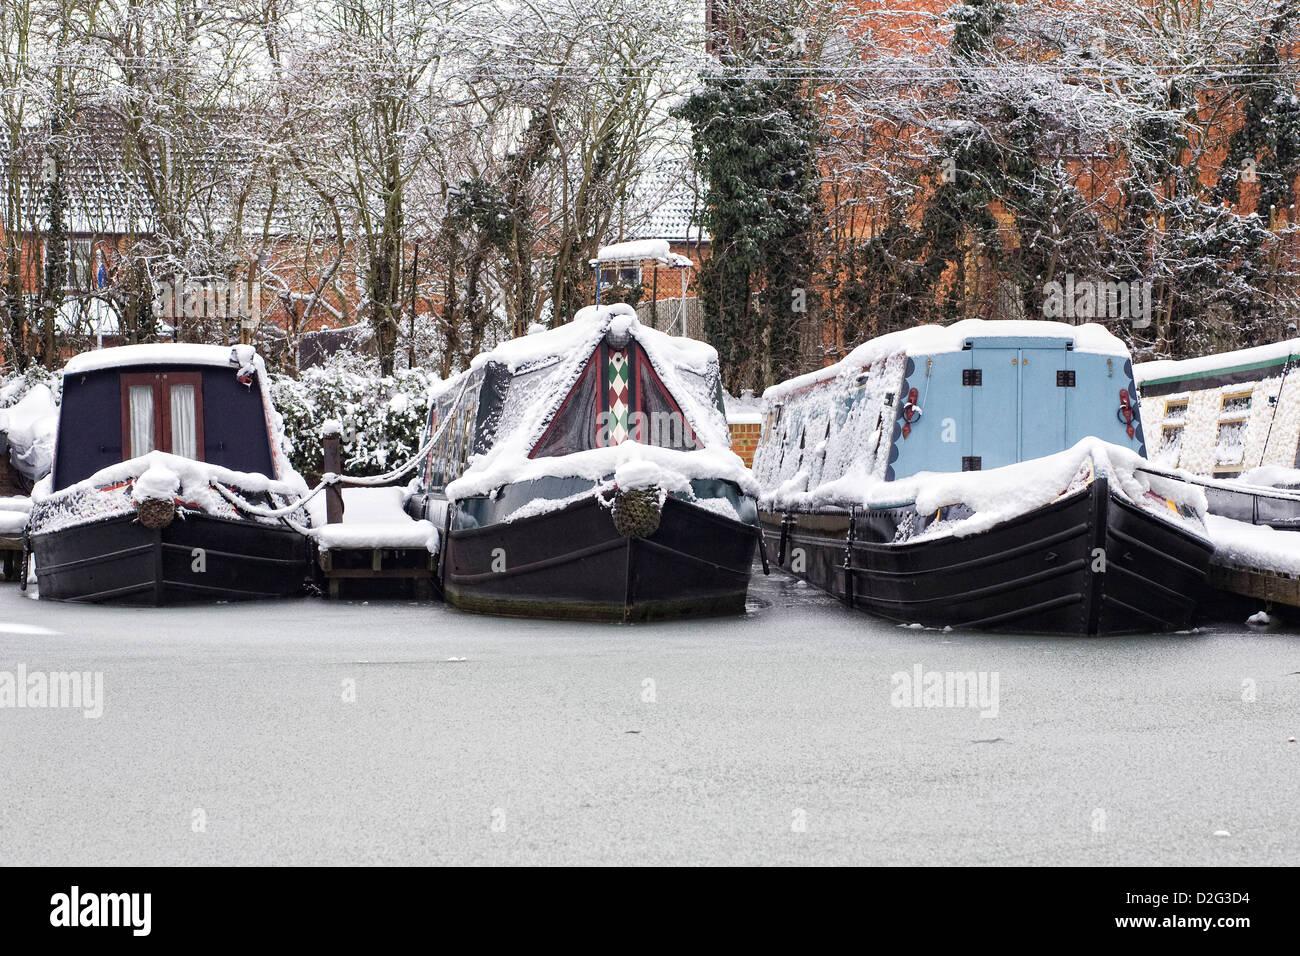 Narrowboats amarré sur les rives du canal d'Oxford à Banbury en hiver, l'Oxfordshire. Photo Stock